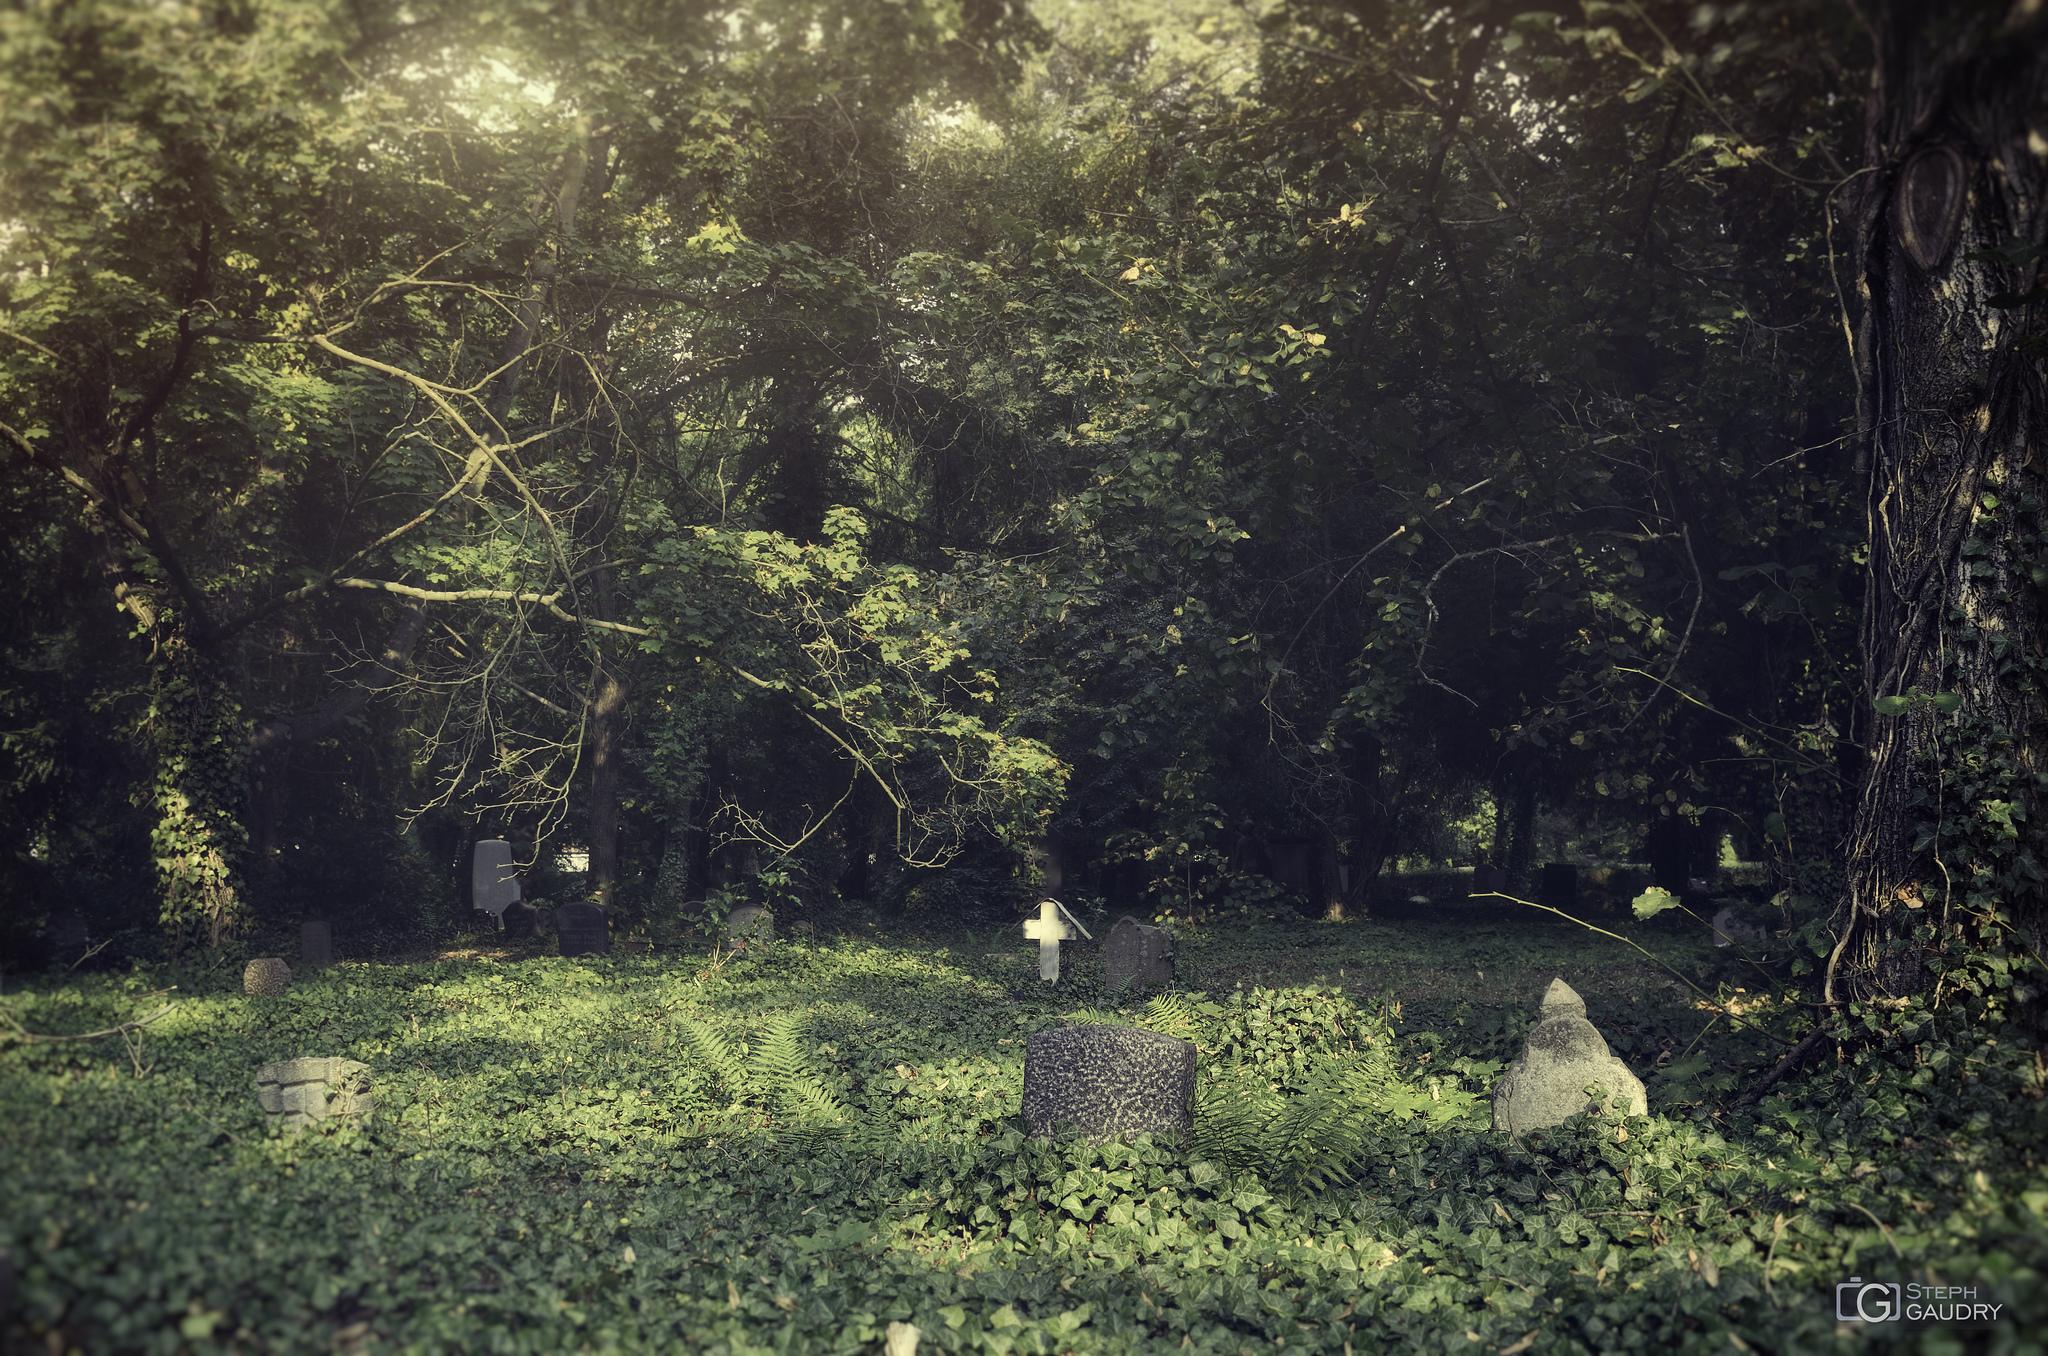 Les mauvaises herbes des cimetières [Klik om de diavoorstelling te starten]